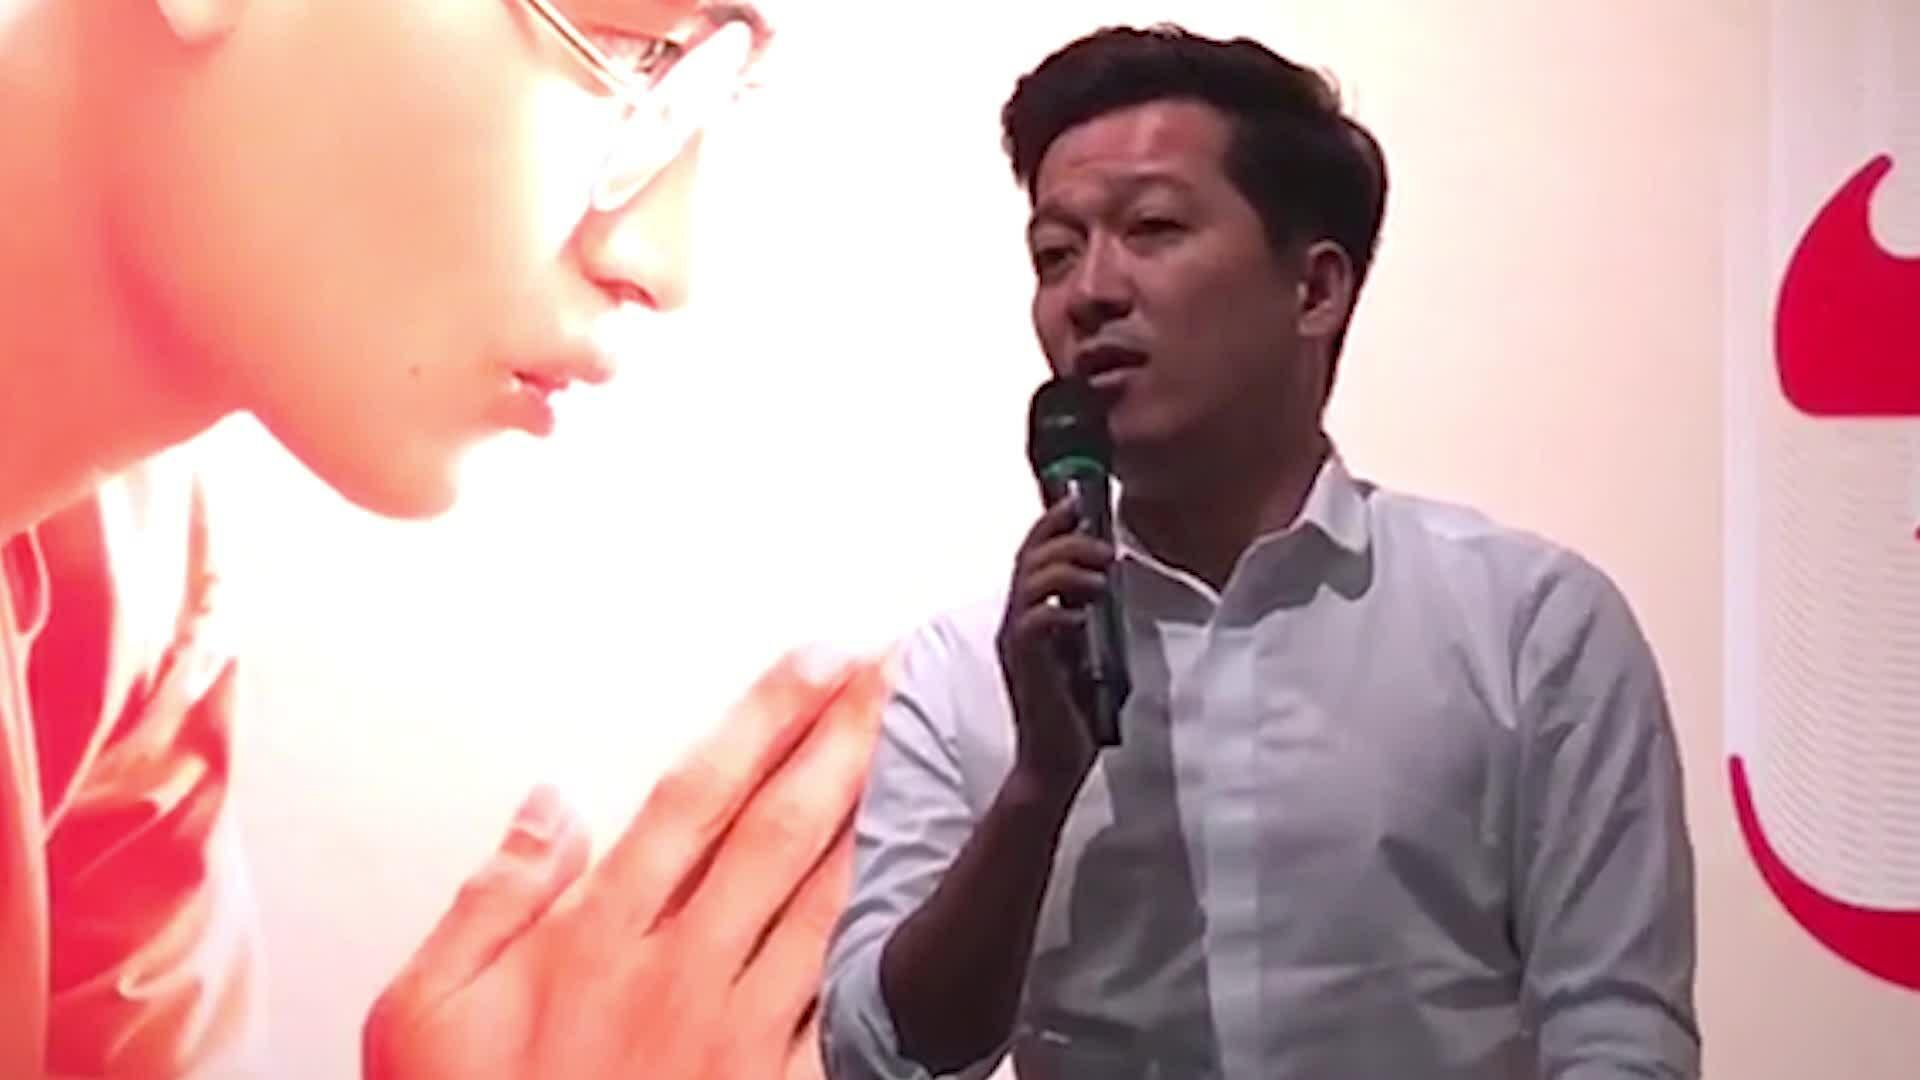 Trường Giang chia sẻ về 30 chưa phải Tết